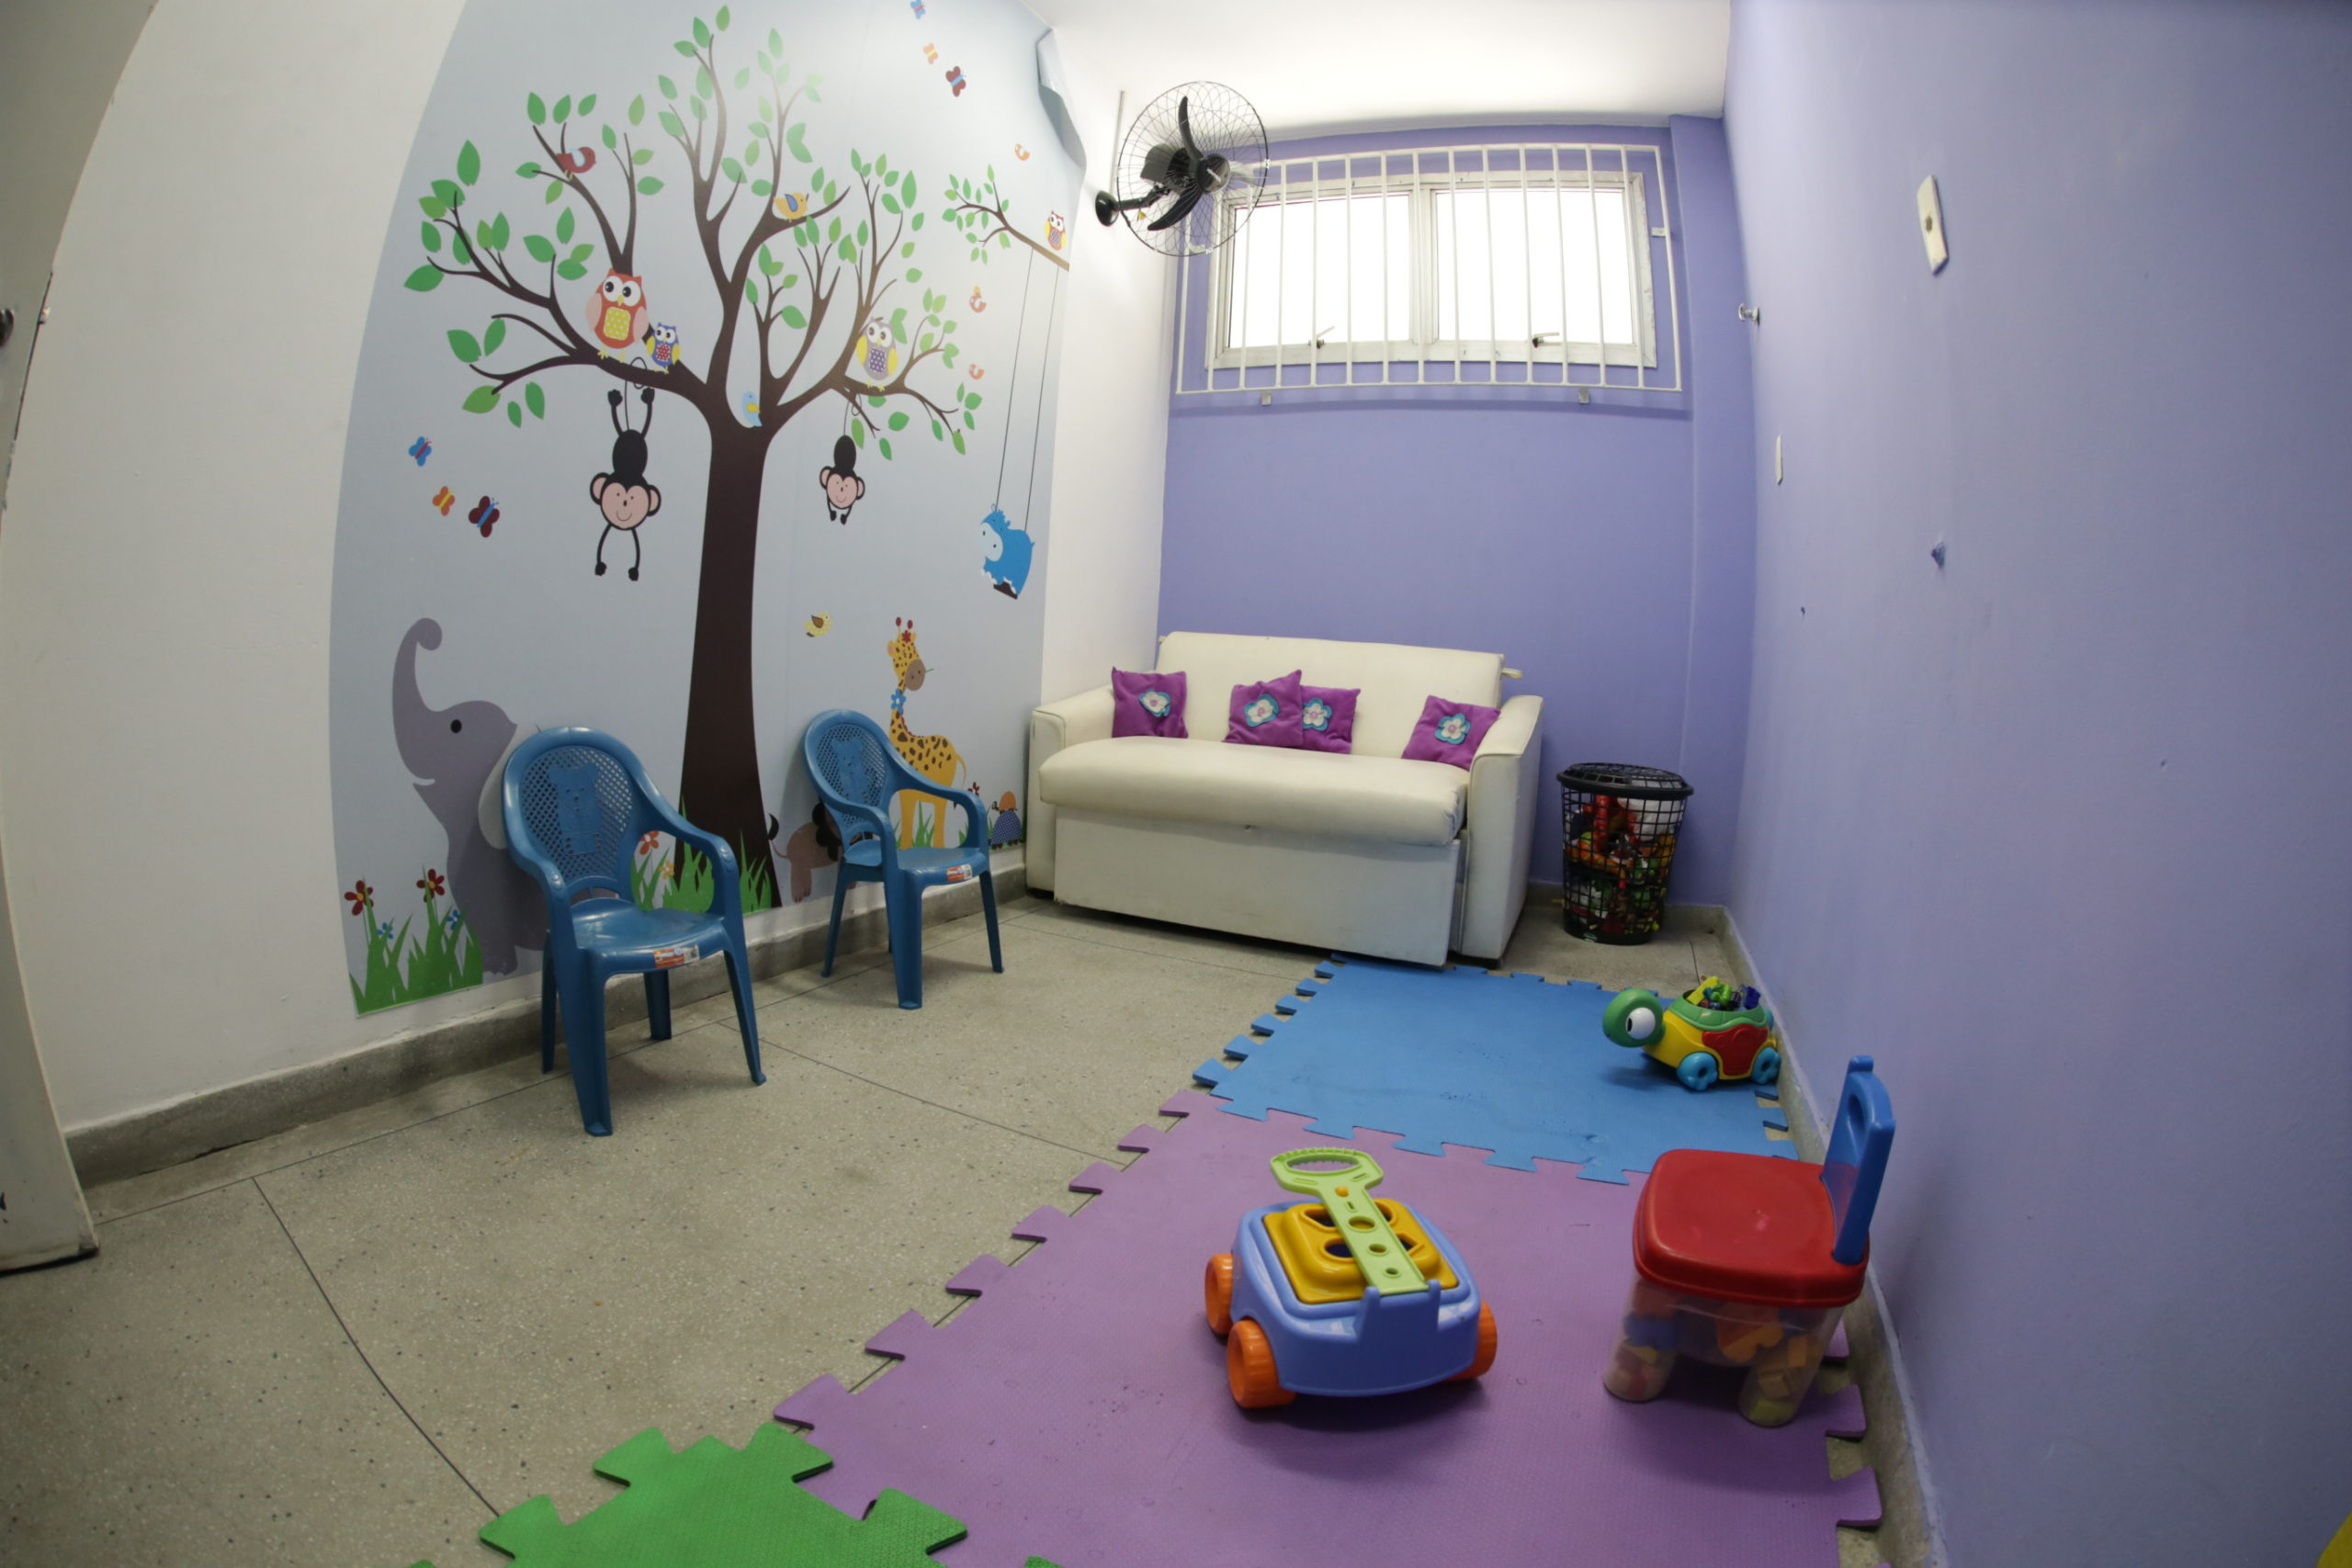 Imagem de uma sala com objetos de decoração